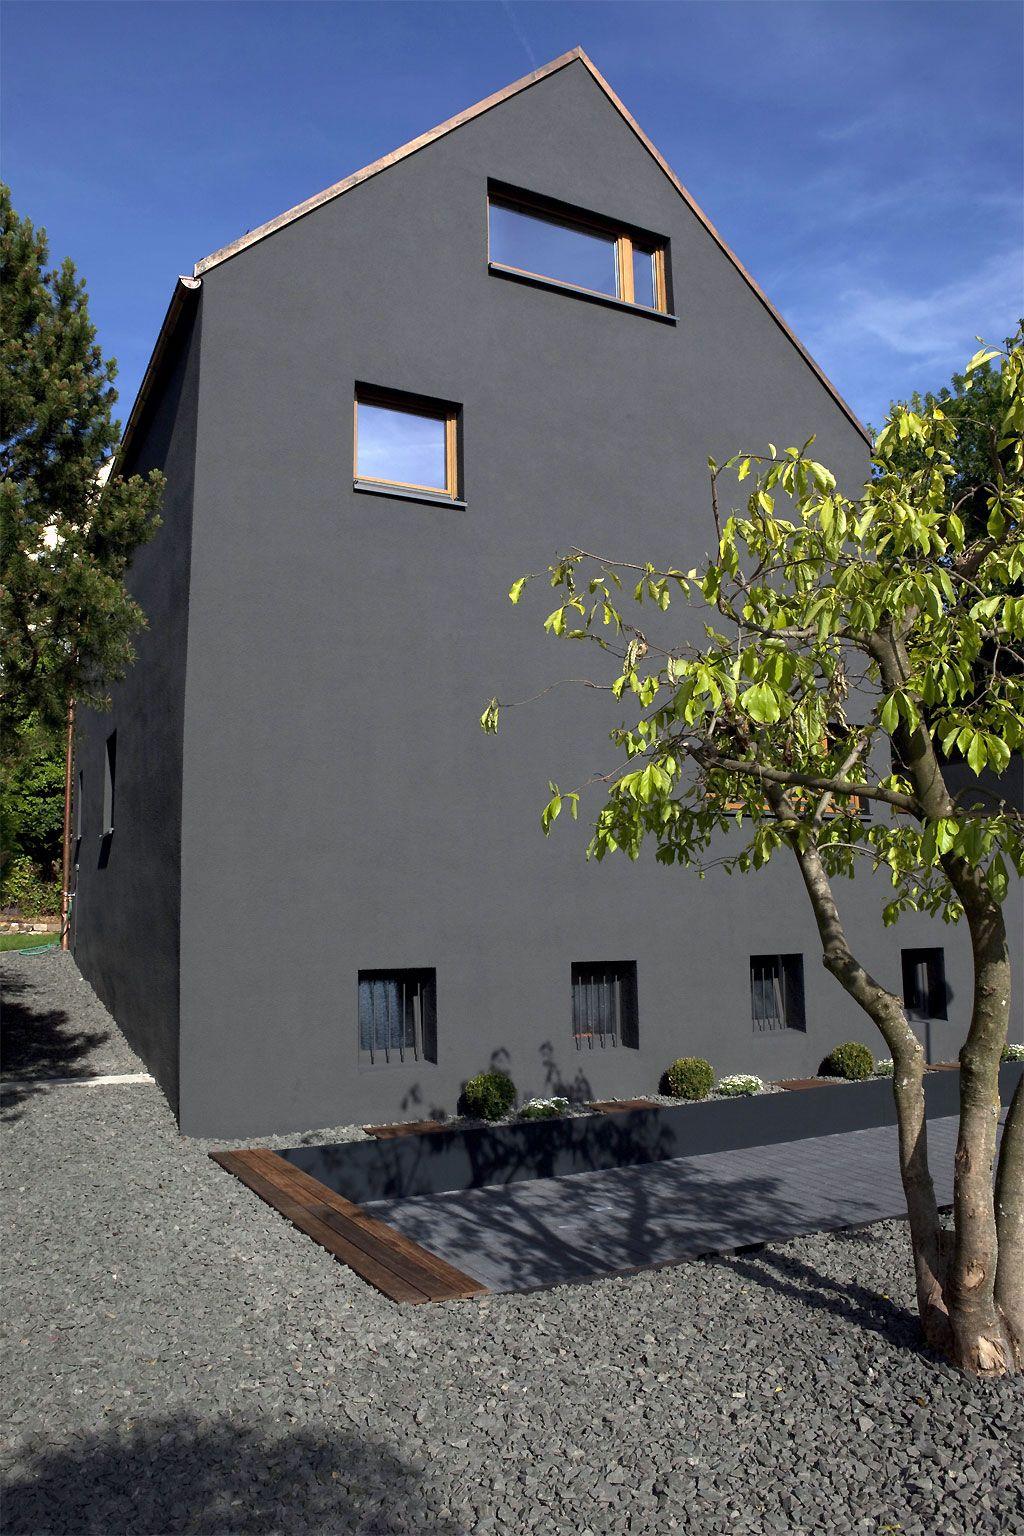 30er-Jahre-Haus lebt auf: ... und alle fragen nach der Farbe ...